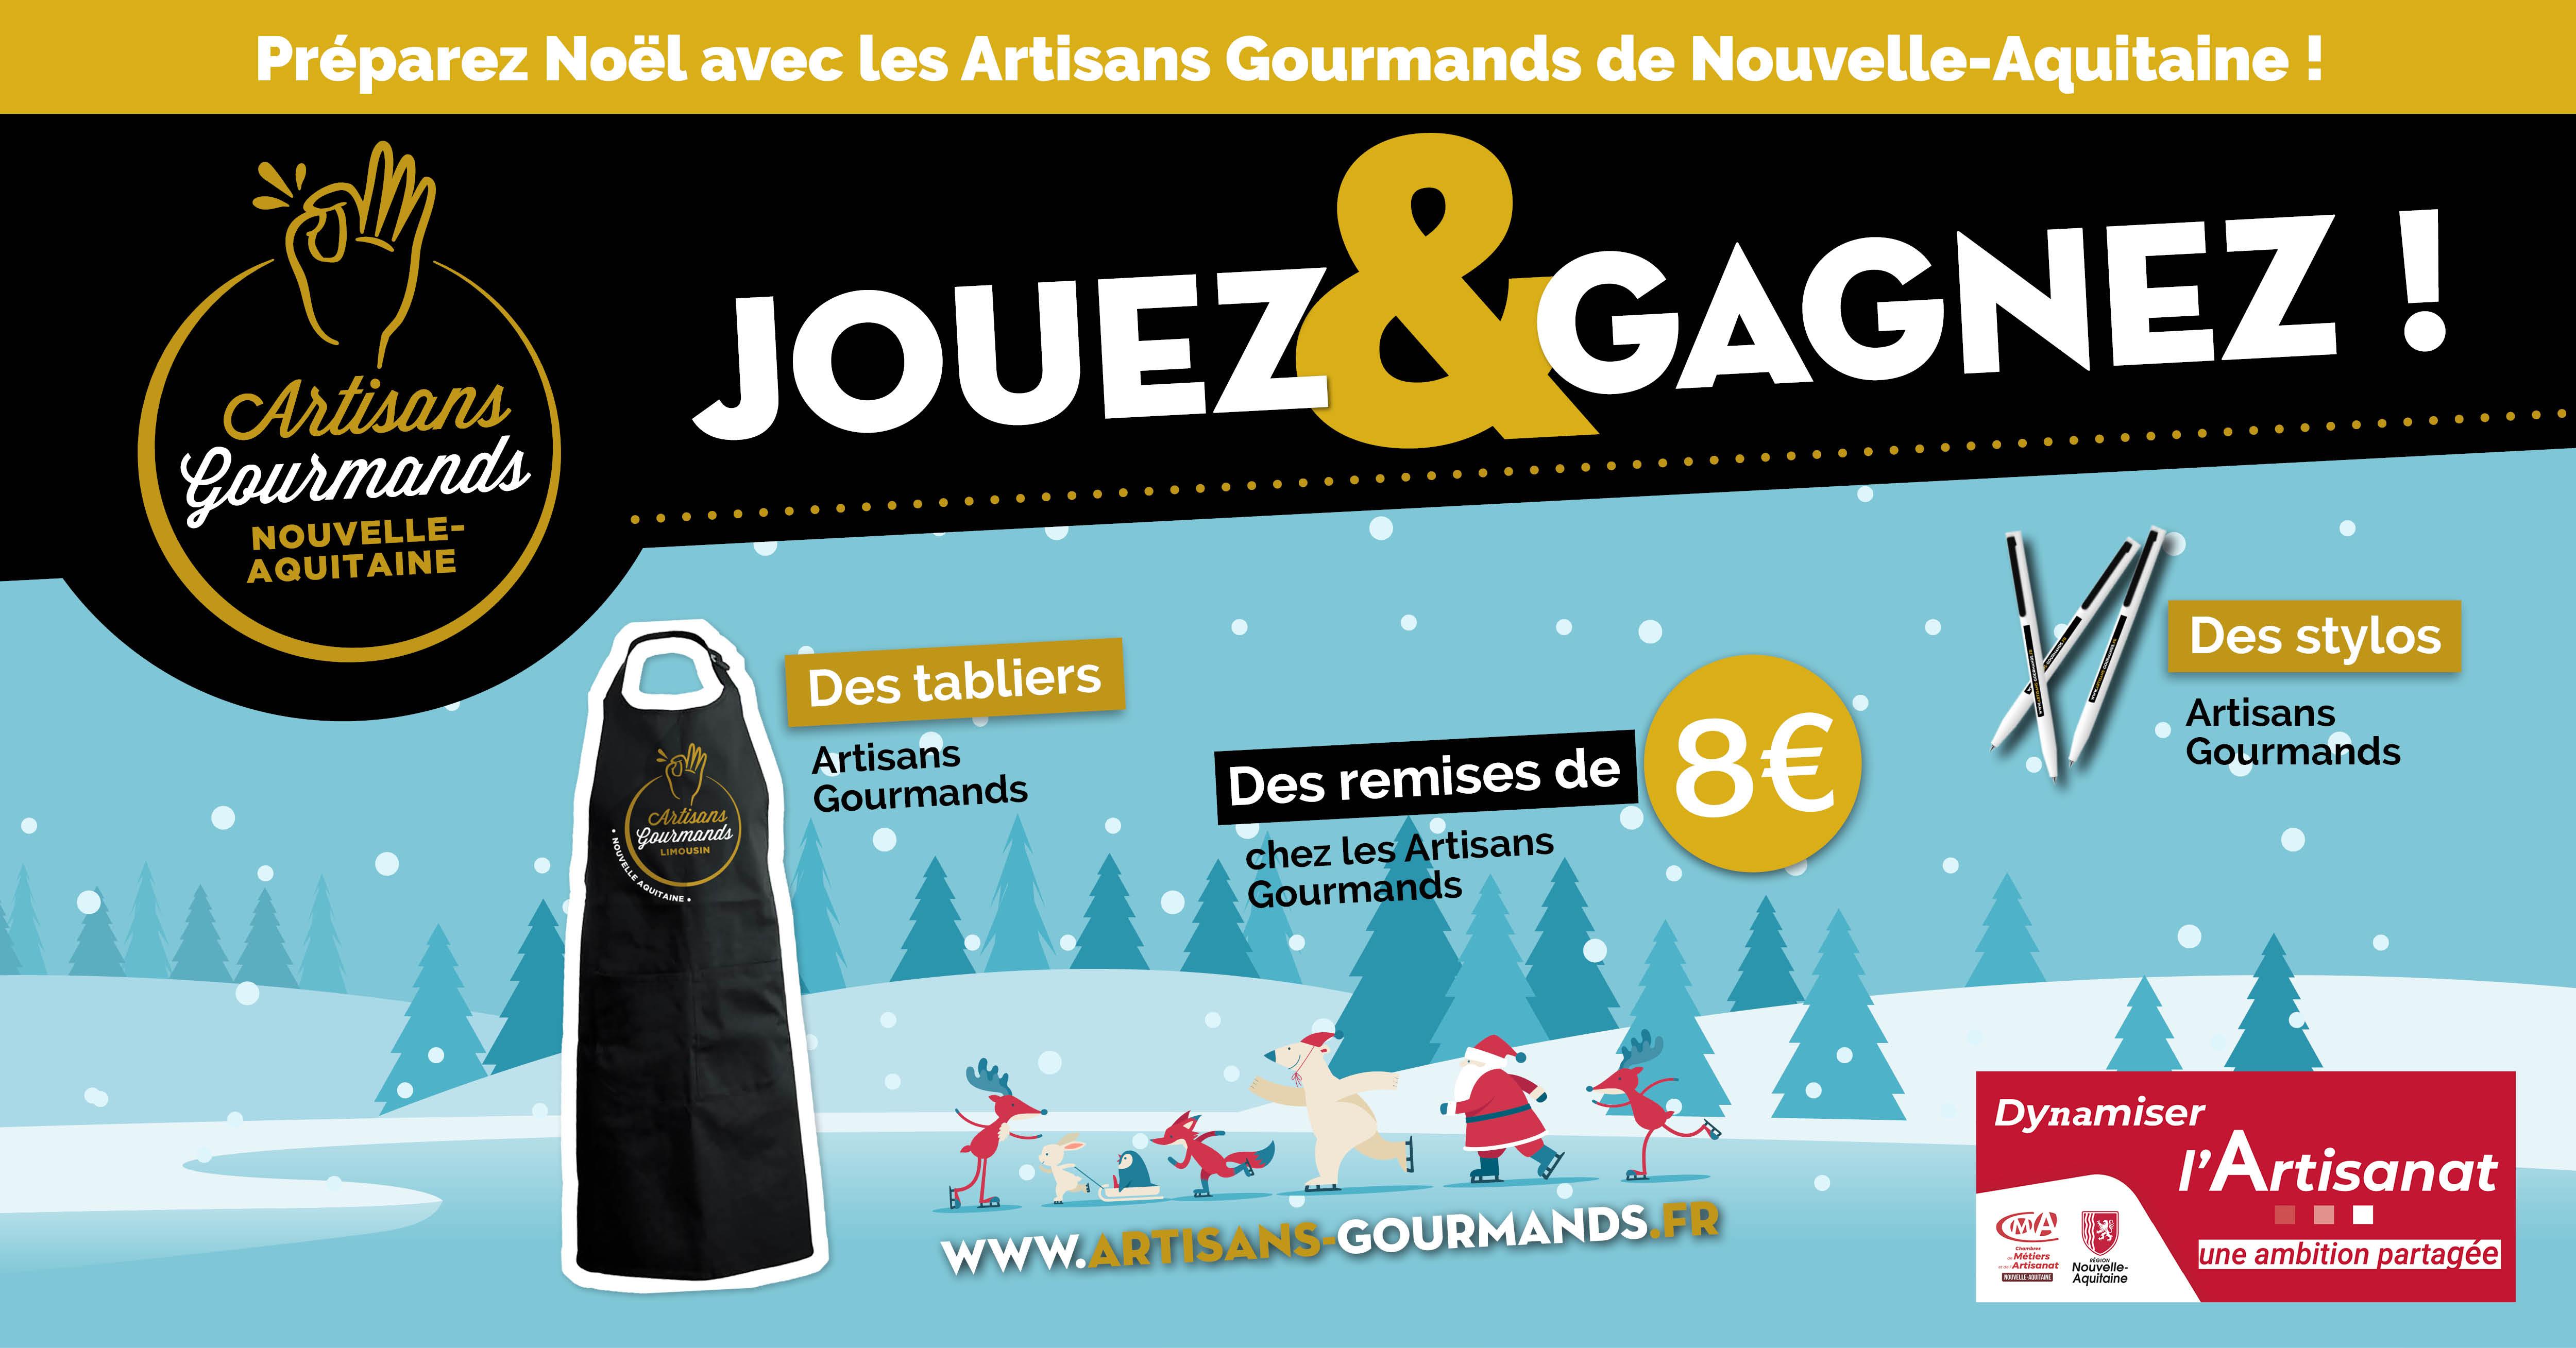 [ Jouez et Gagnez ] C'est Noël avec les Artisans Gourmands de Nouvelle-Aquitaine !